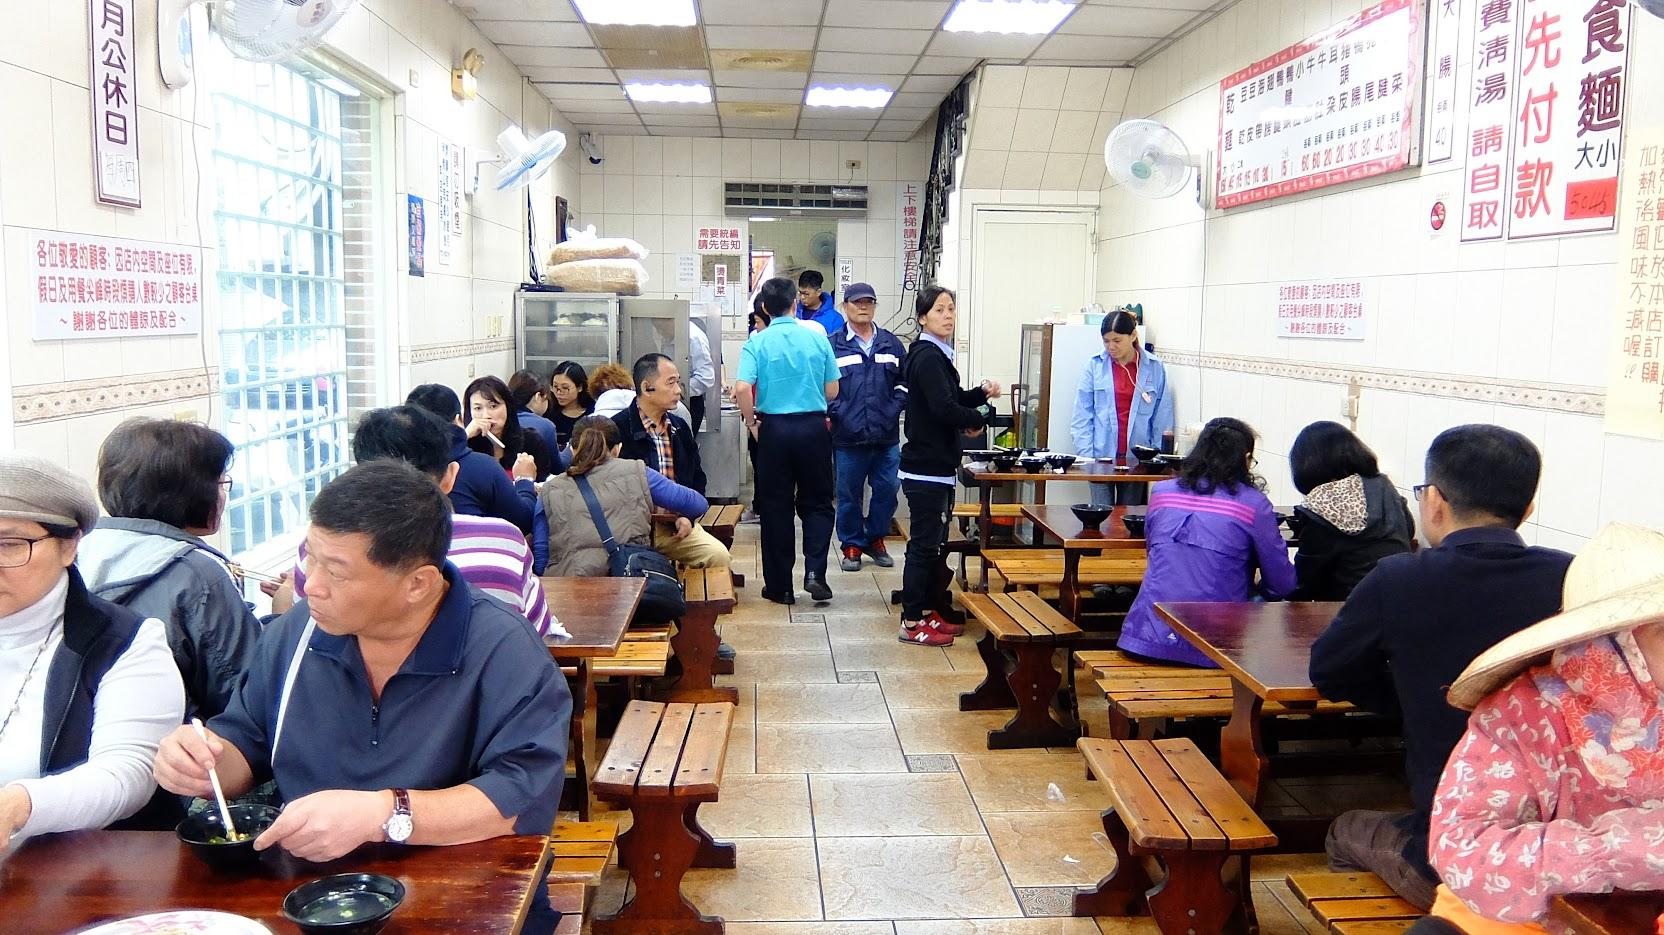 生意真的不賴,中午時間就滿滿客人,且陸陸續續都有人進出,還好翻桌率快,稍微等一下都有位子可坐...